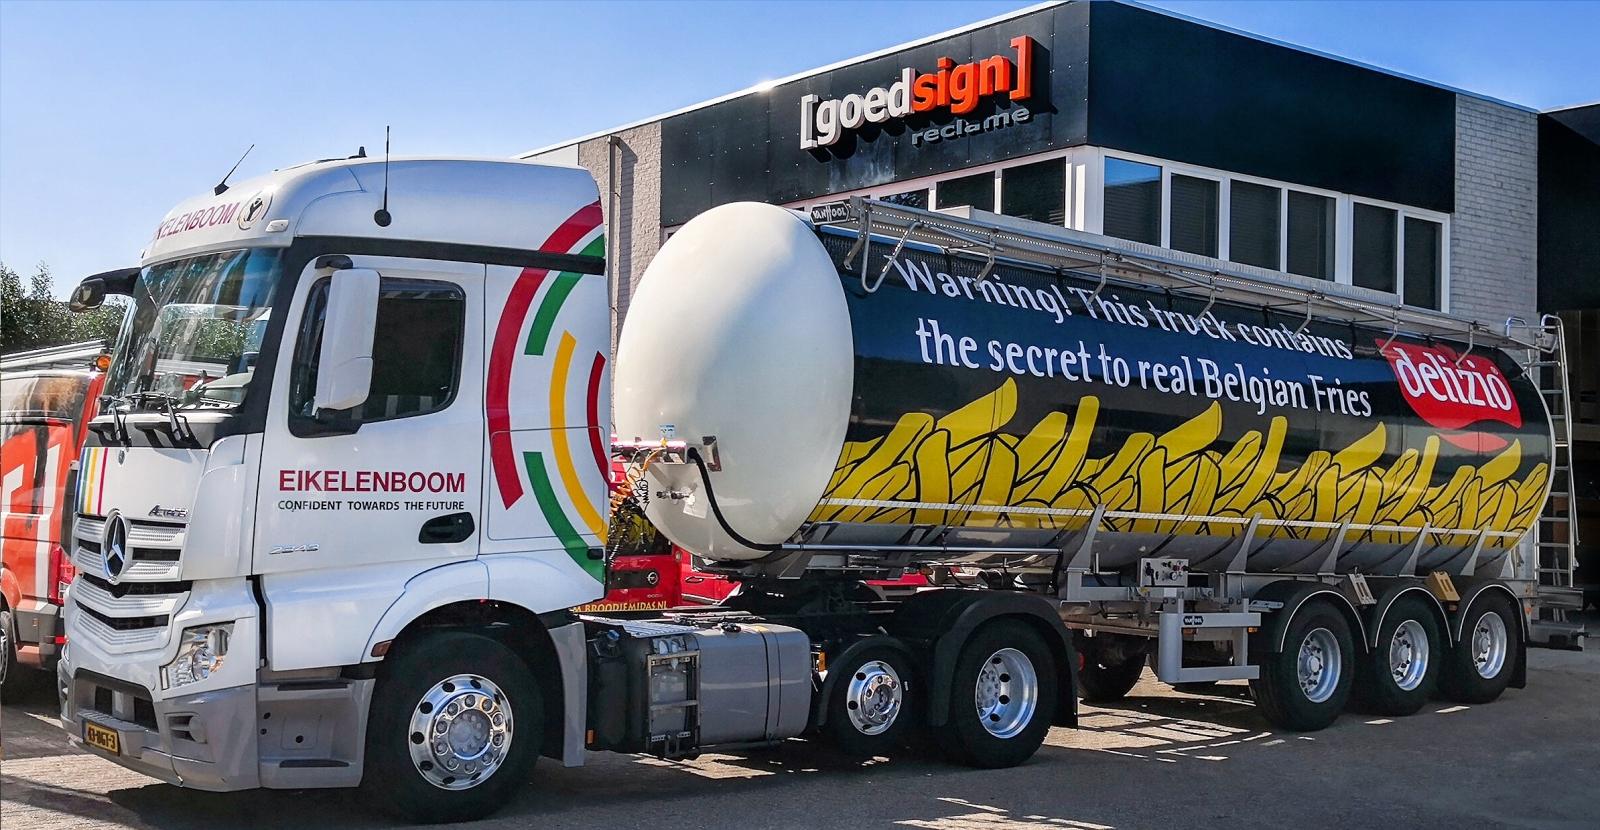 bestickering tankwagen goedsign